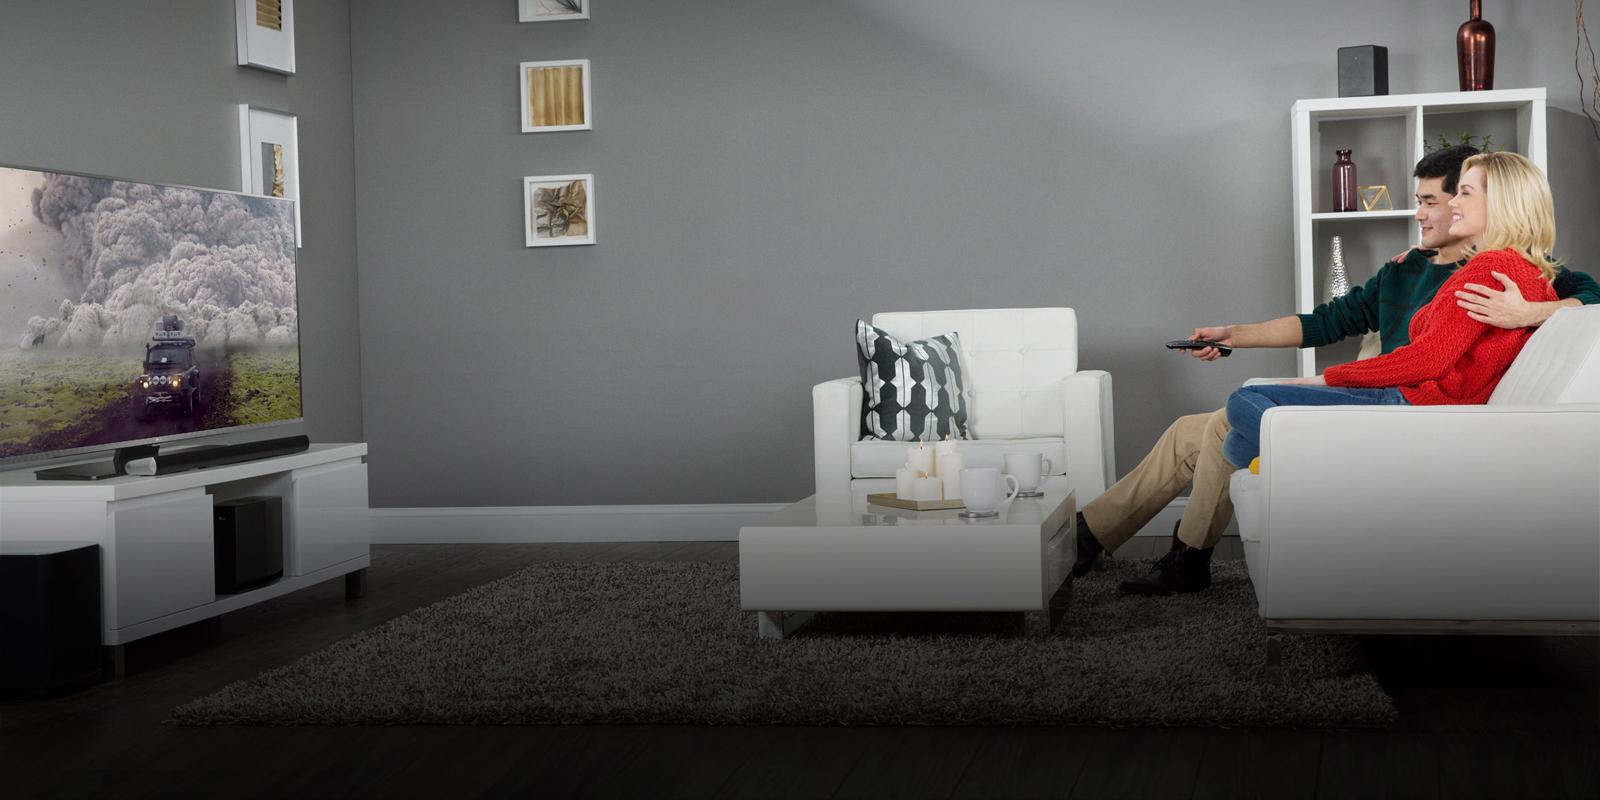 quelle box internet avec disque dur faut il souscrire. Black Bedroom Furniture Sets. Home Design Ideas